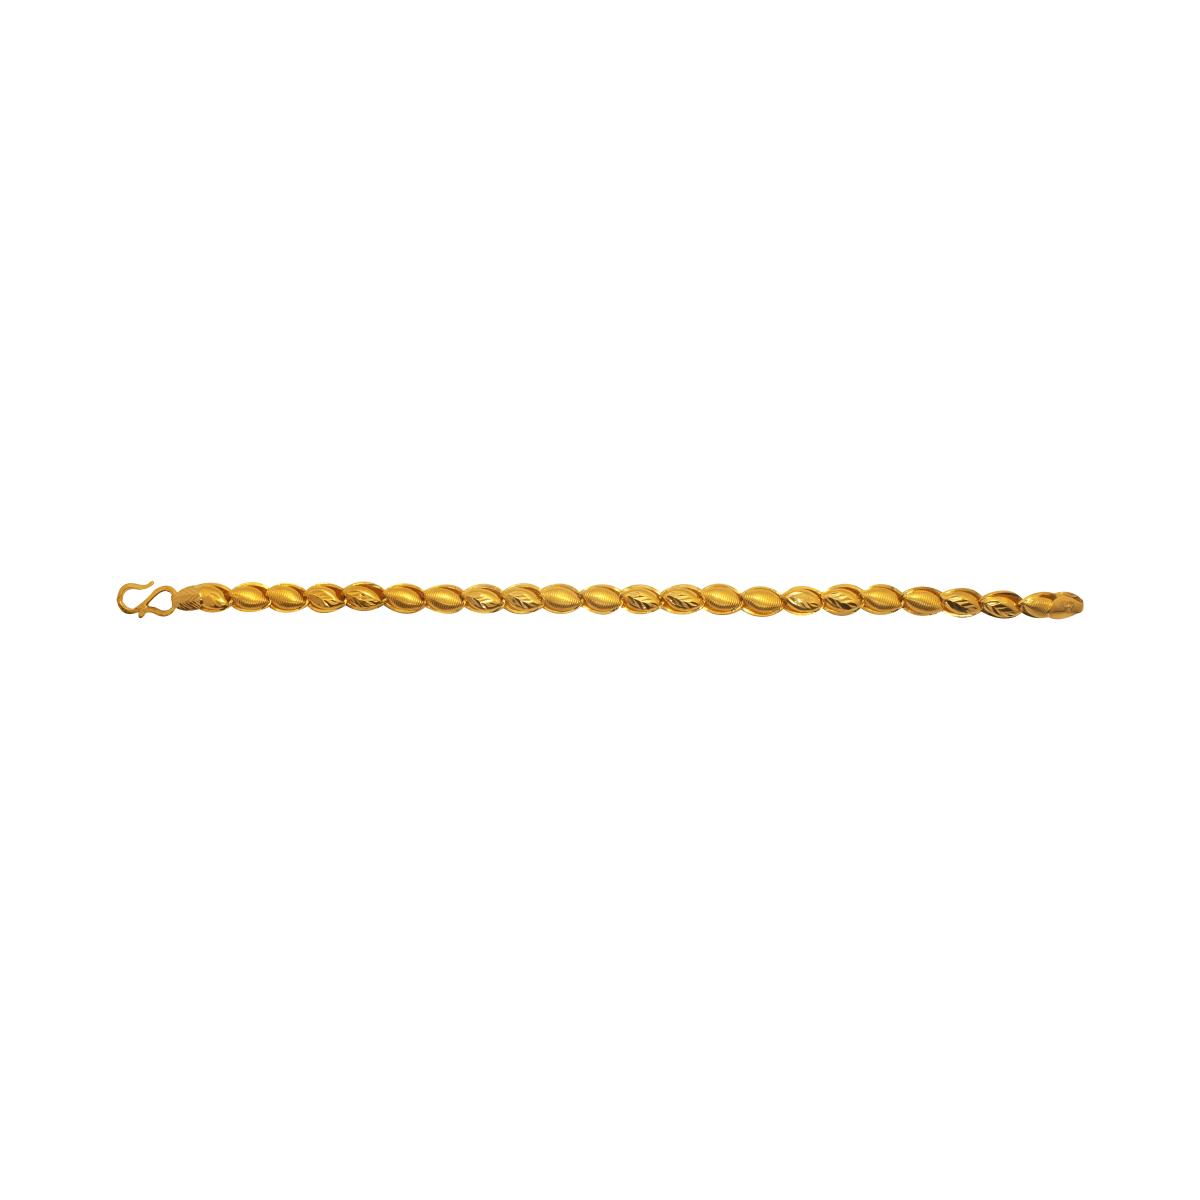 Godhumai Gents Bracelet